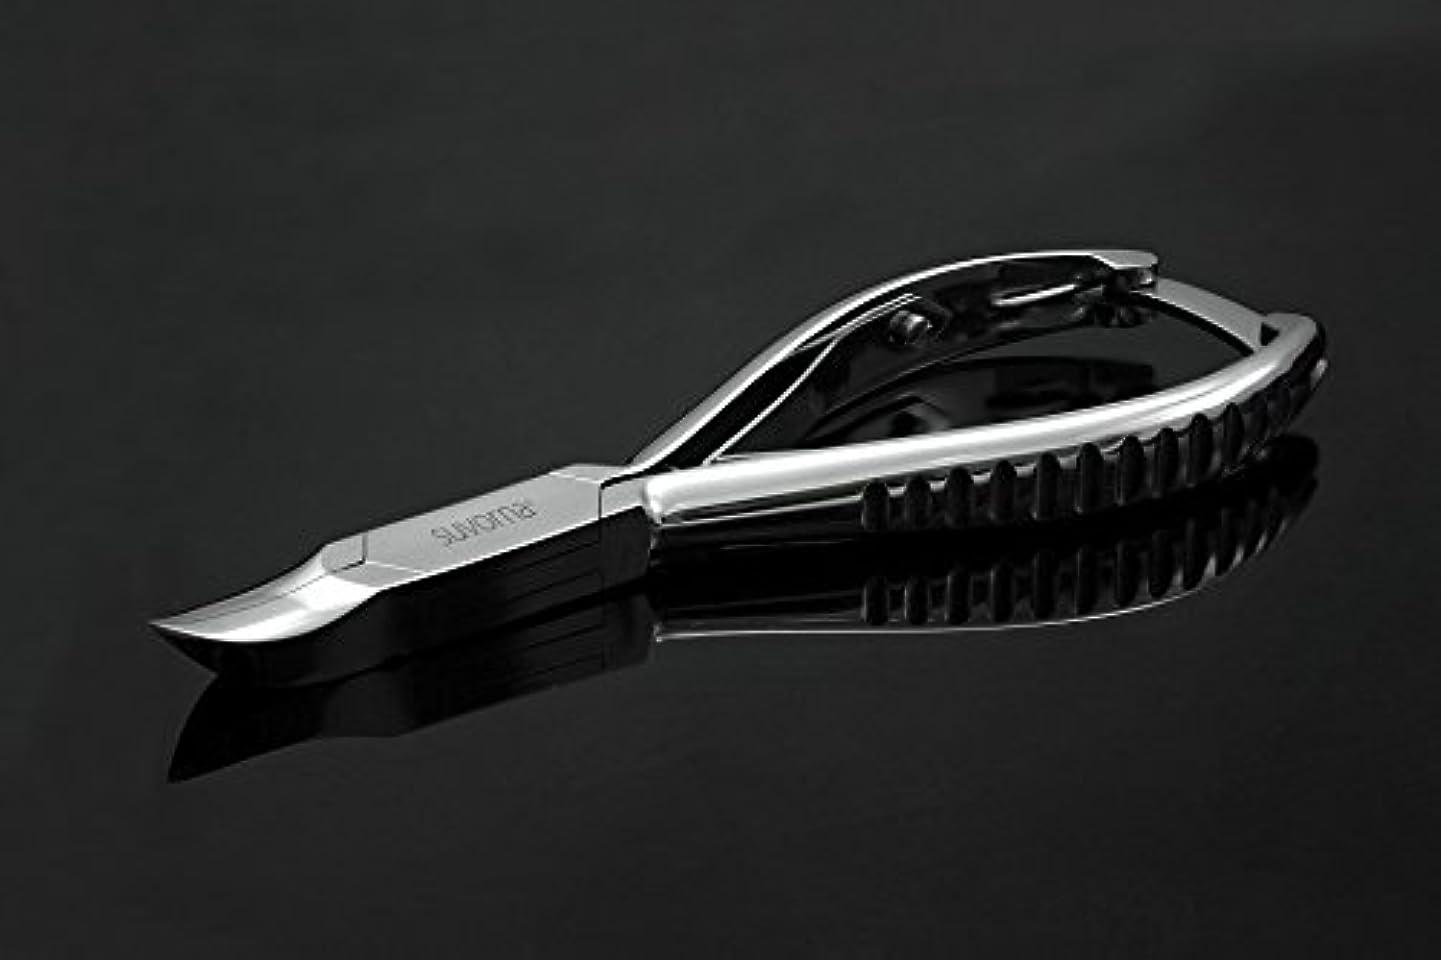 スヴォルナ プロ仕様 5.5インチ (14センチ) ペディキュア 分厚い足の爪 ニッパー 曲面顎 & バックロック 3109 (インポート)